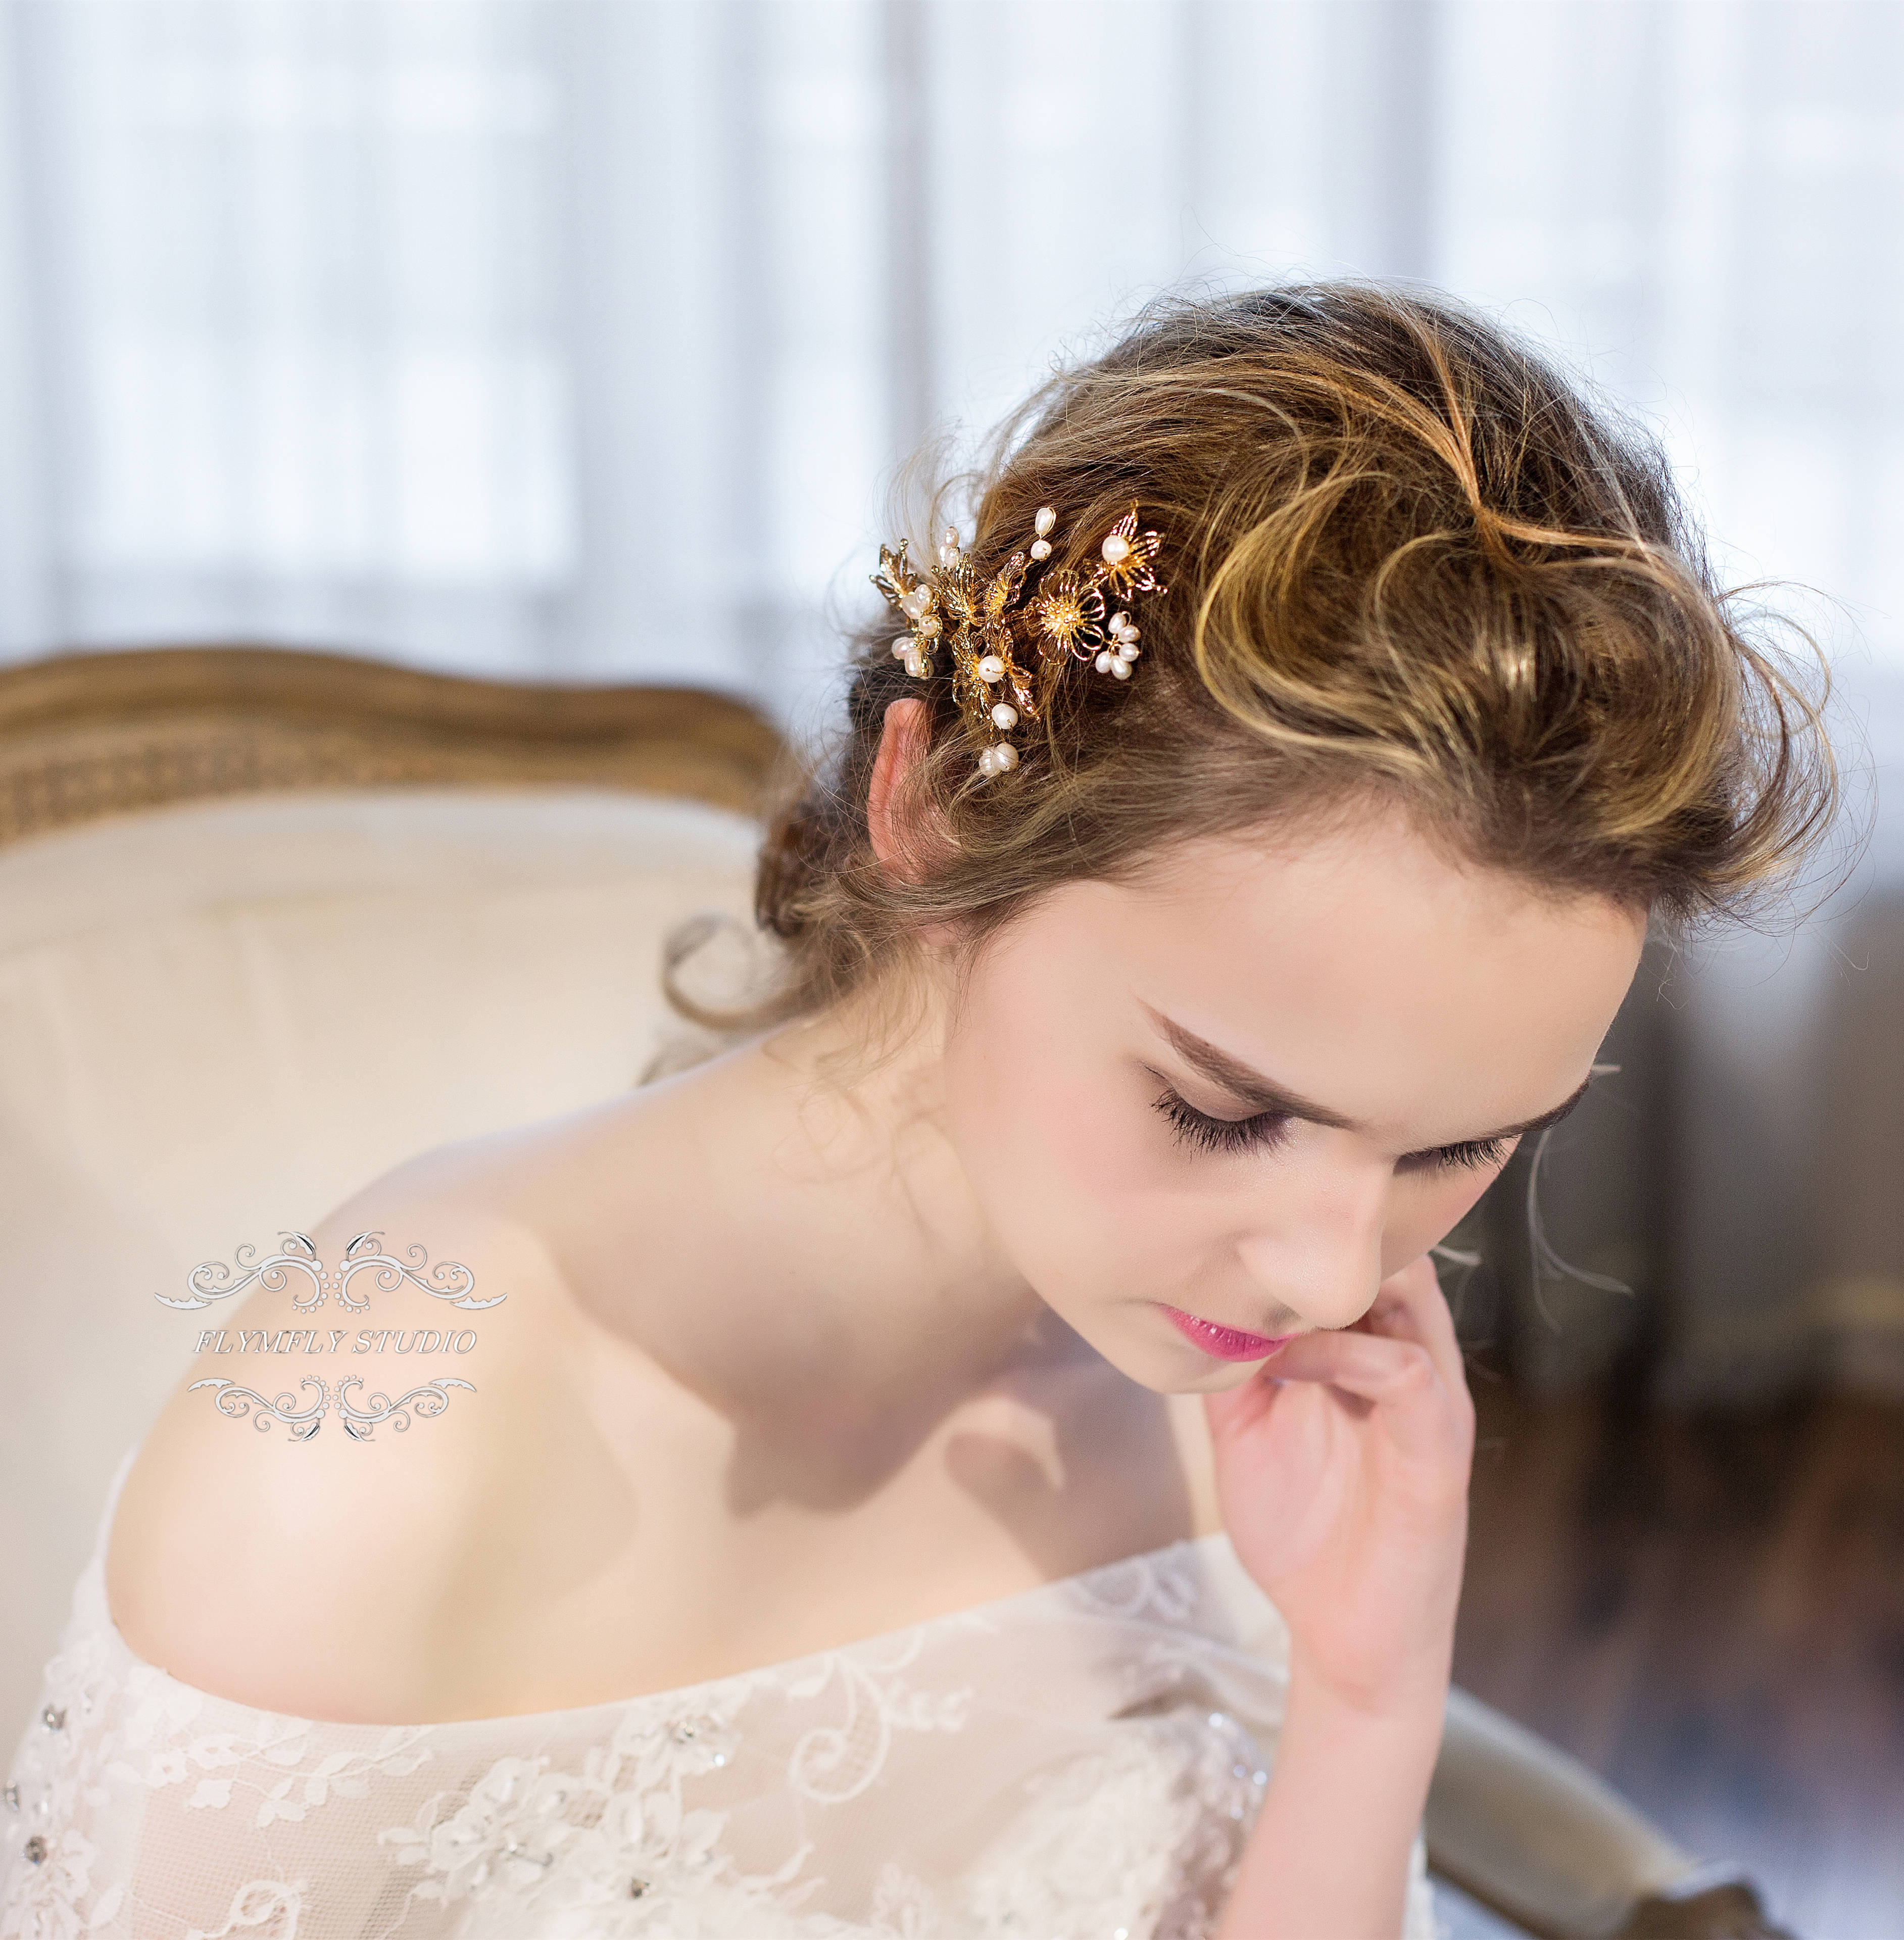 handmade wedding hair accessories, bridal hair pins, formal hair